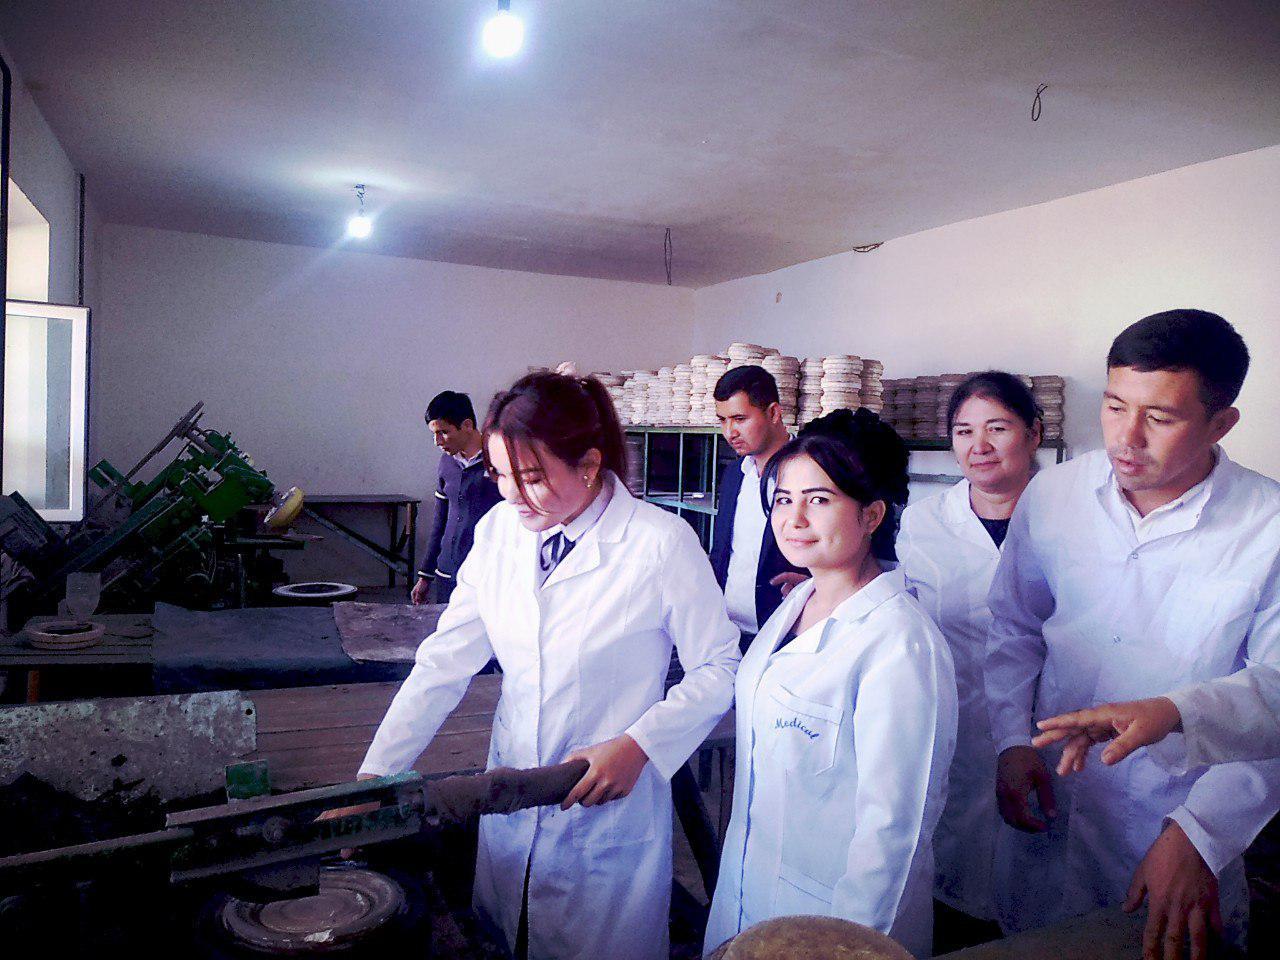 Talabalarni korxonadagi laboratoriya mashg'ulotlari